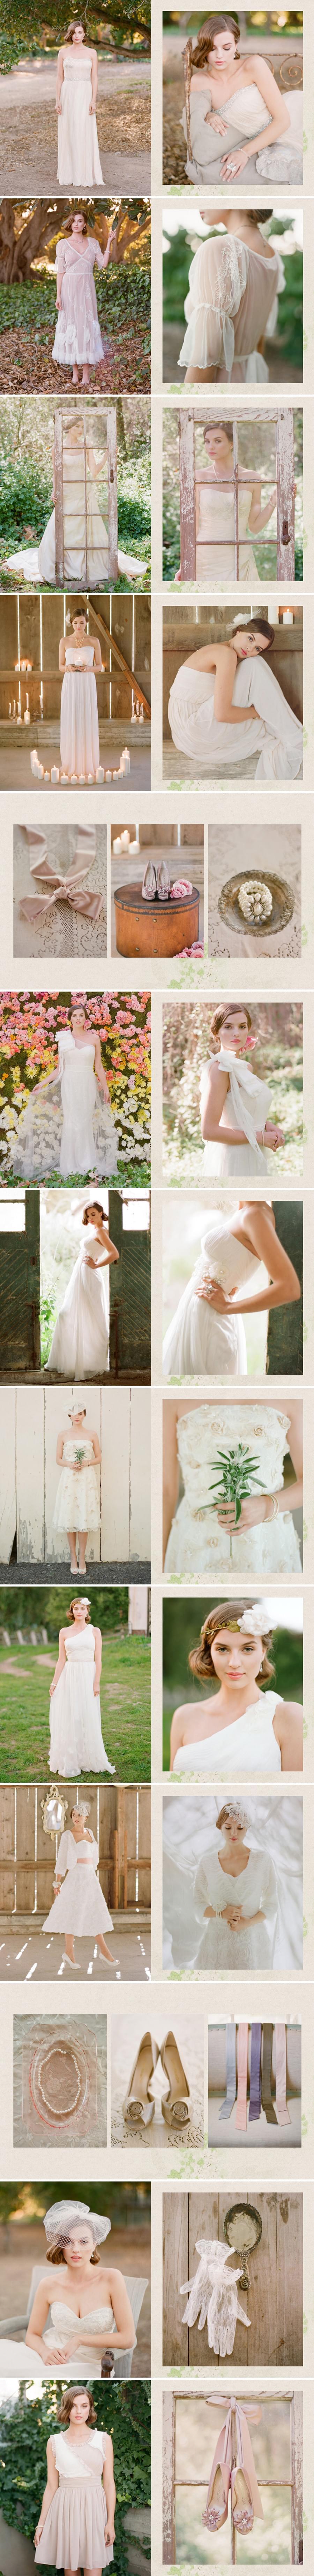 suknie ślubne sukienki krótkie ślubne zwiewne boho Ruche